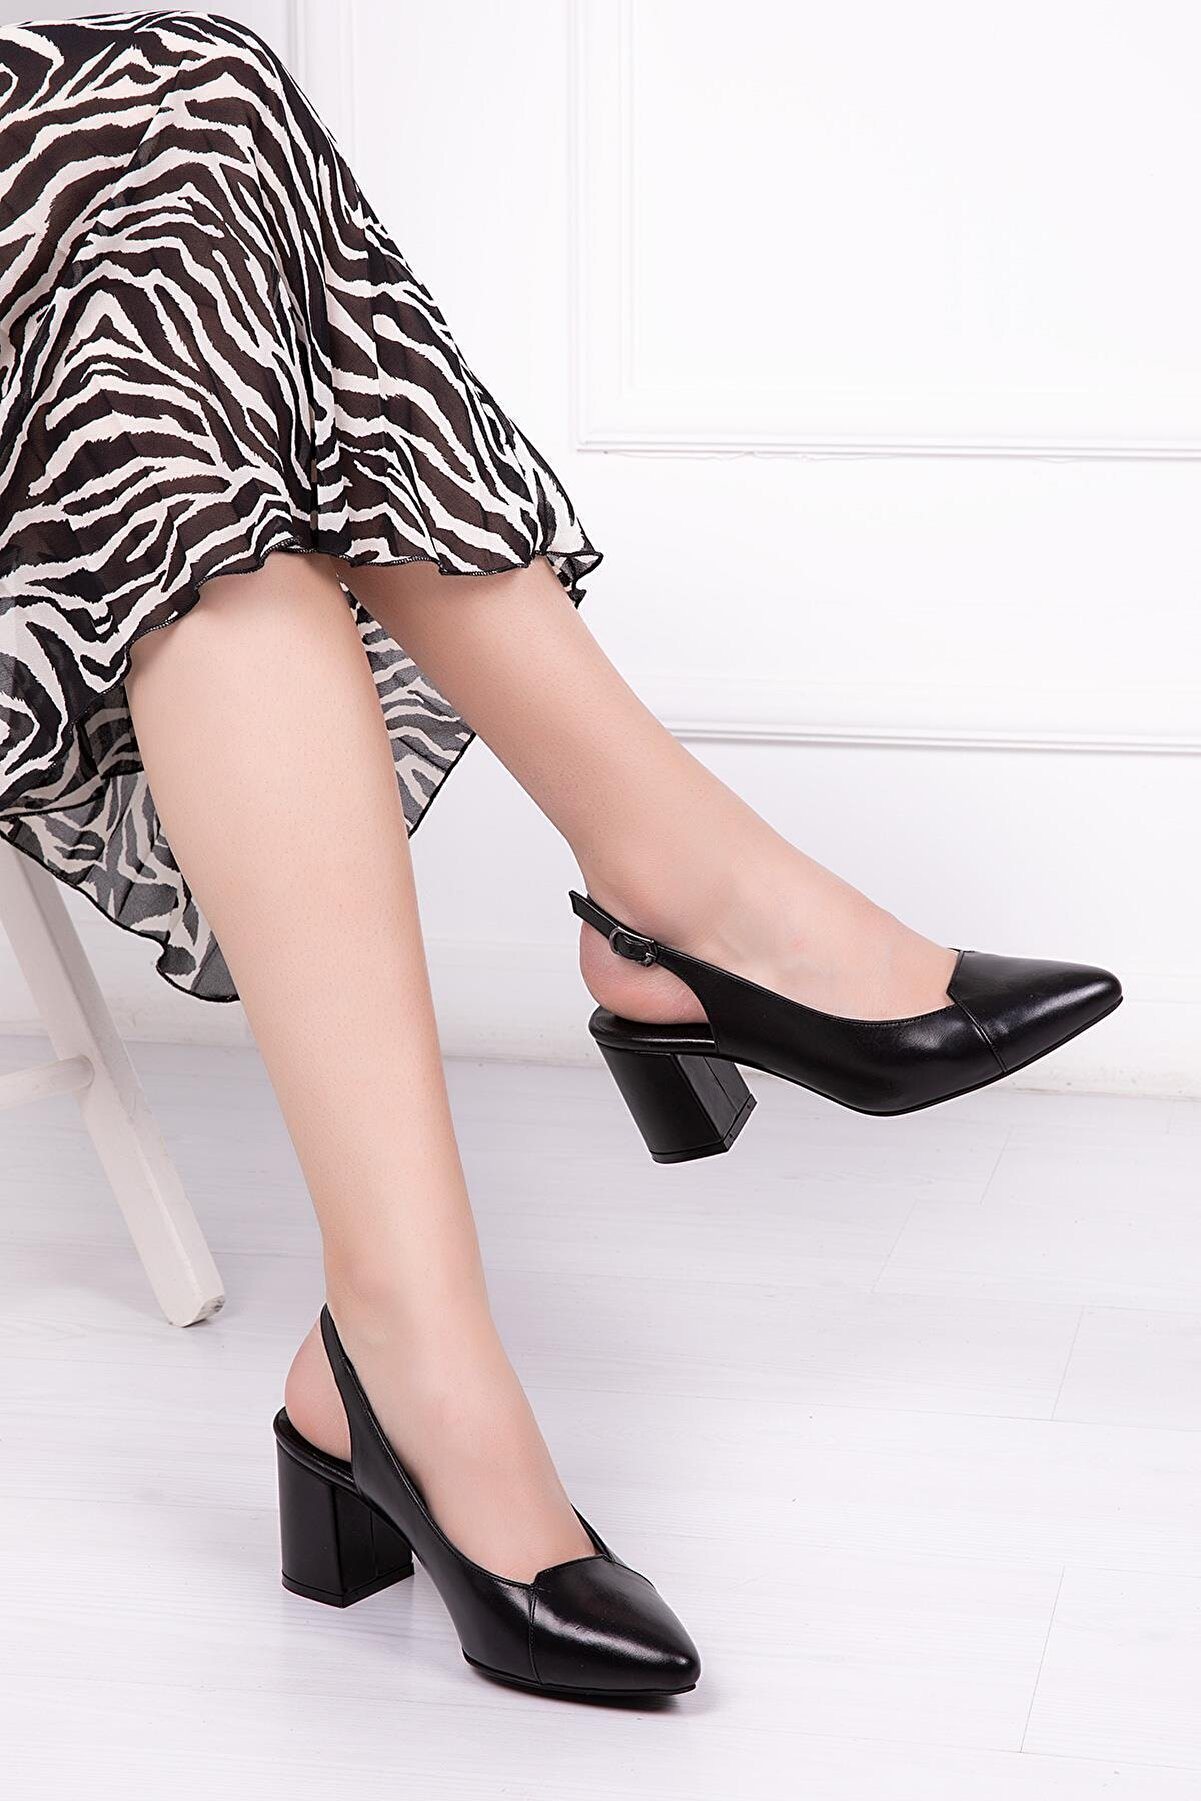 Deripabuc Hakiki Deri Siyah Kadın Topuklu Deri Ayakkabı Shn-0739